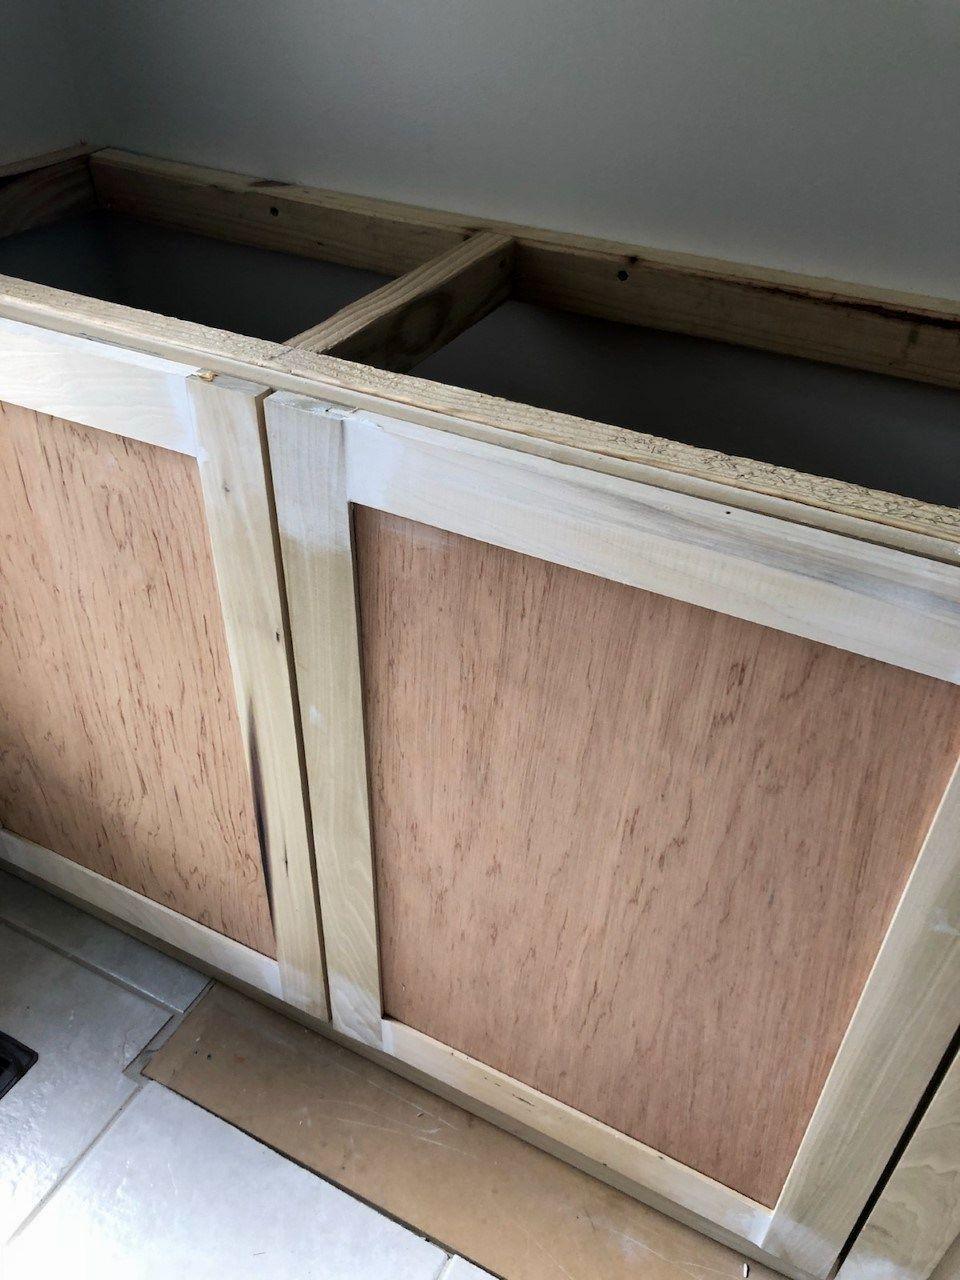 Best Diy Kitchen Cabinets Plans Kitchencabinetspainted In 2020 Kitchen Cabinet Plans Diy Kitchen Cabinets Diy Kitchen